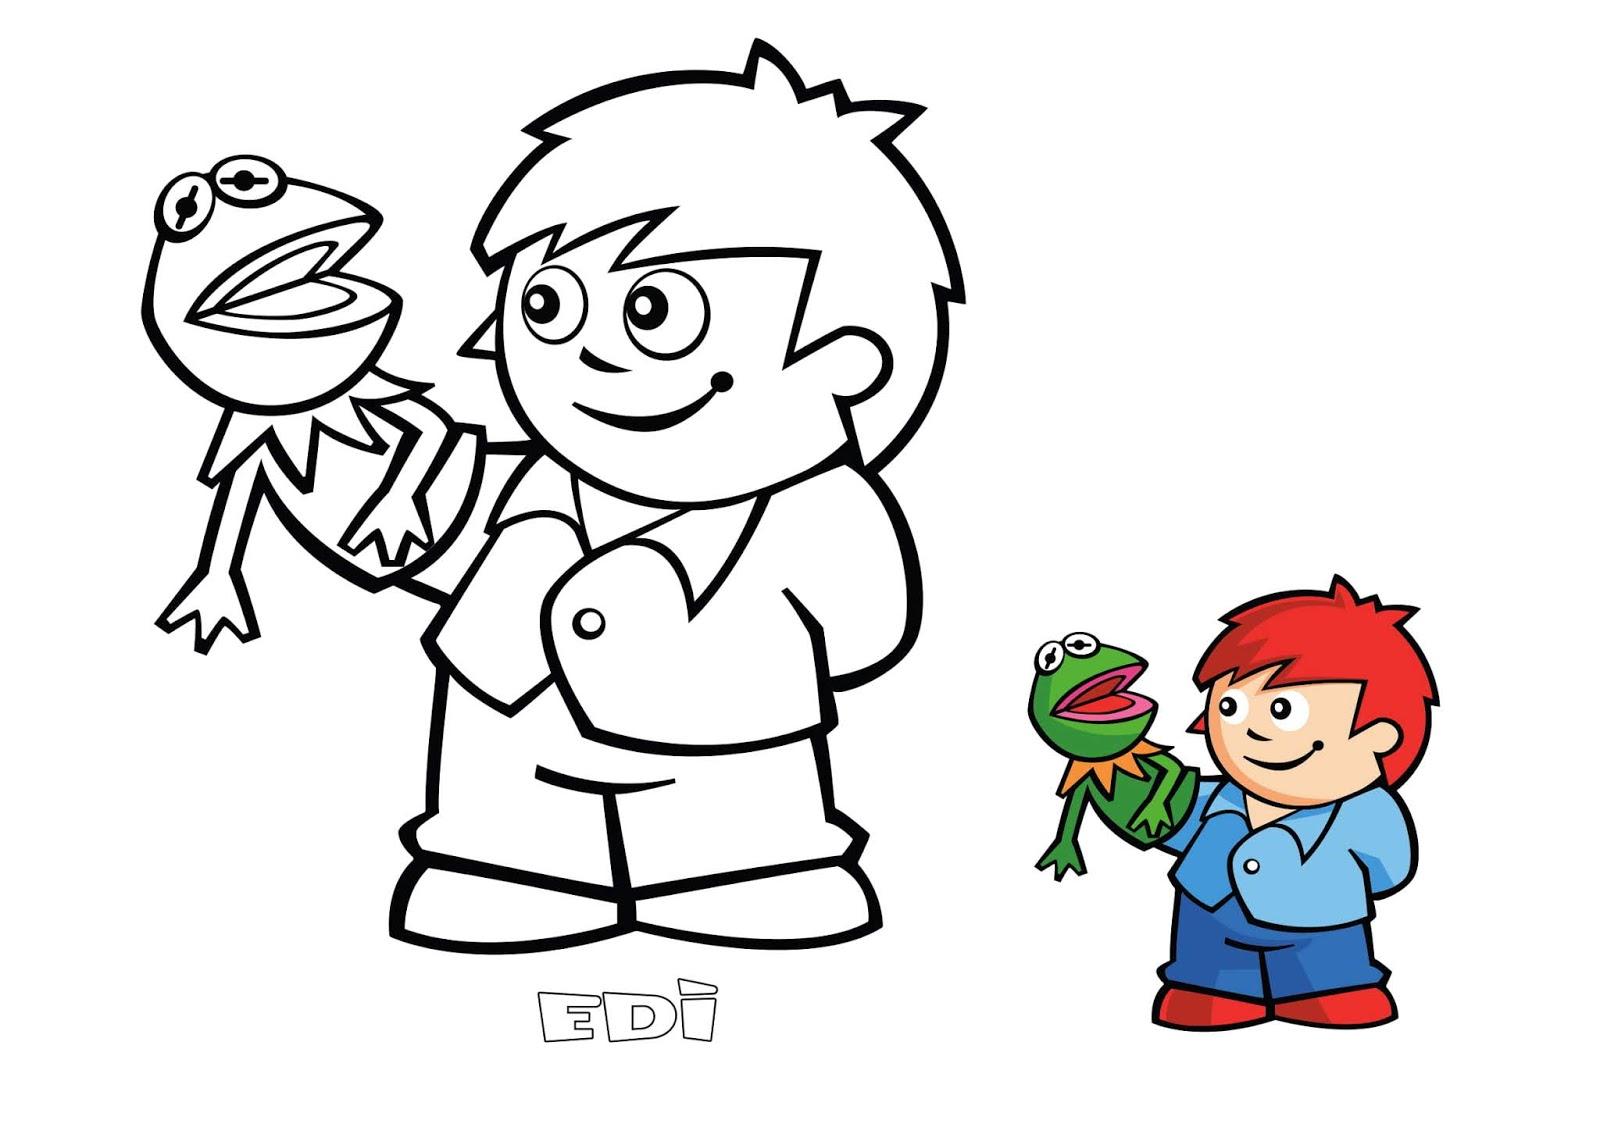 malvorlagen einhorn zeichnen kinder